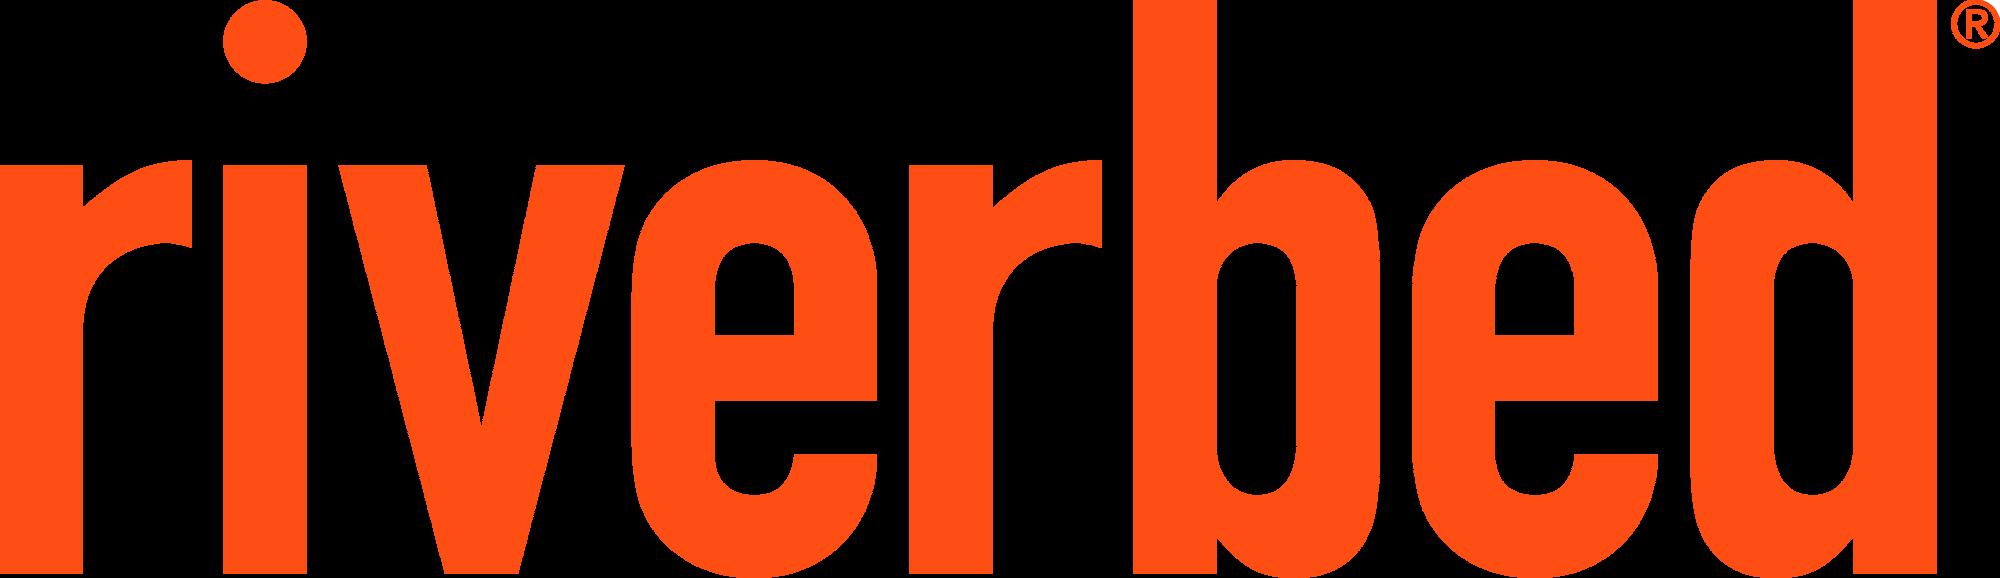 Riverbed_Logo_CMYK_large.png